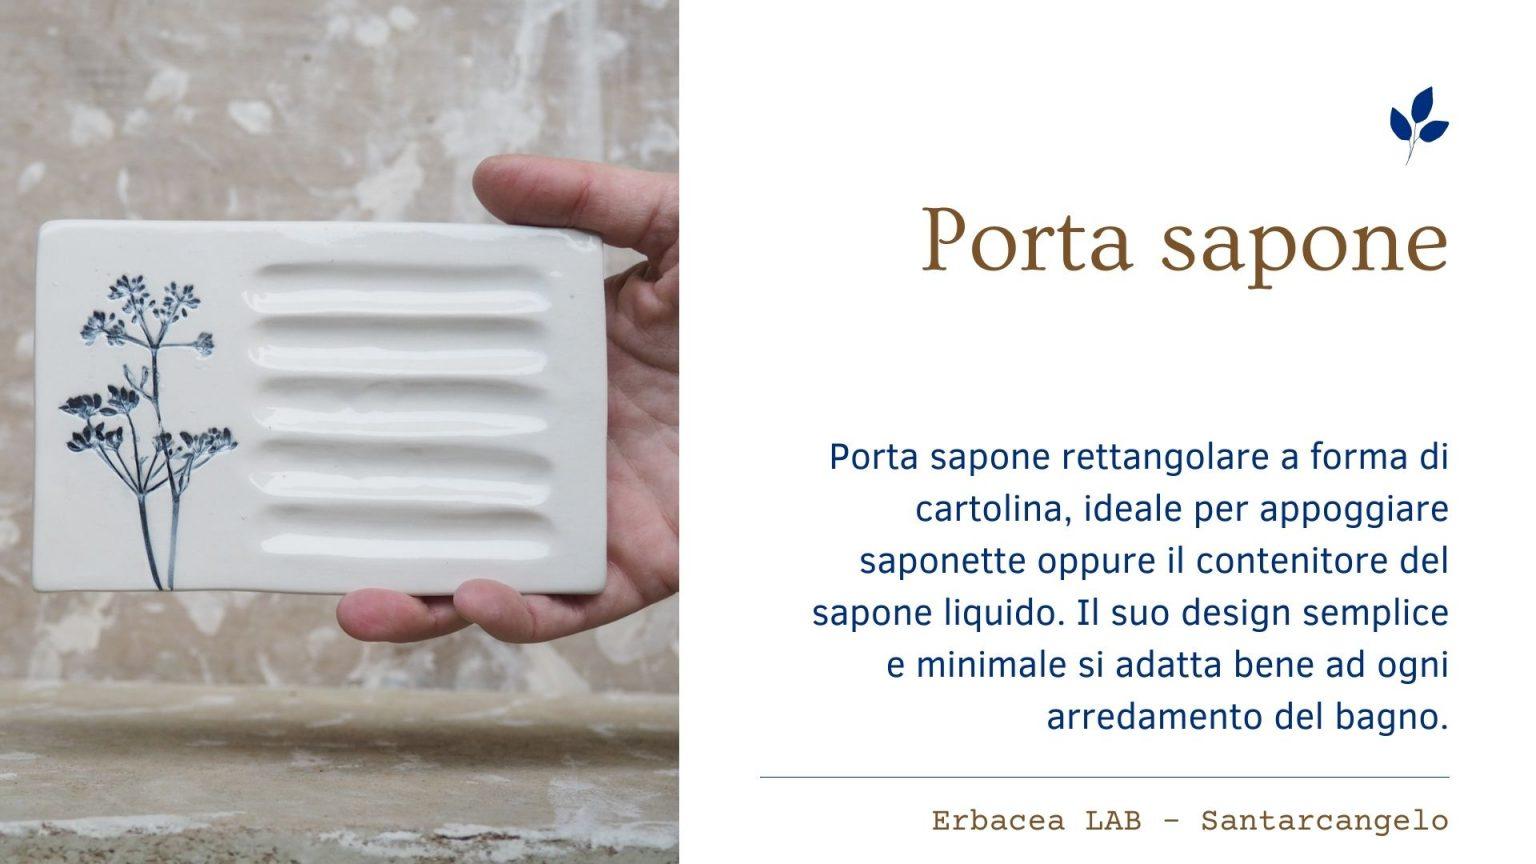 Bomboniere in Ceramica - porta sapone